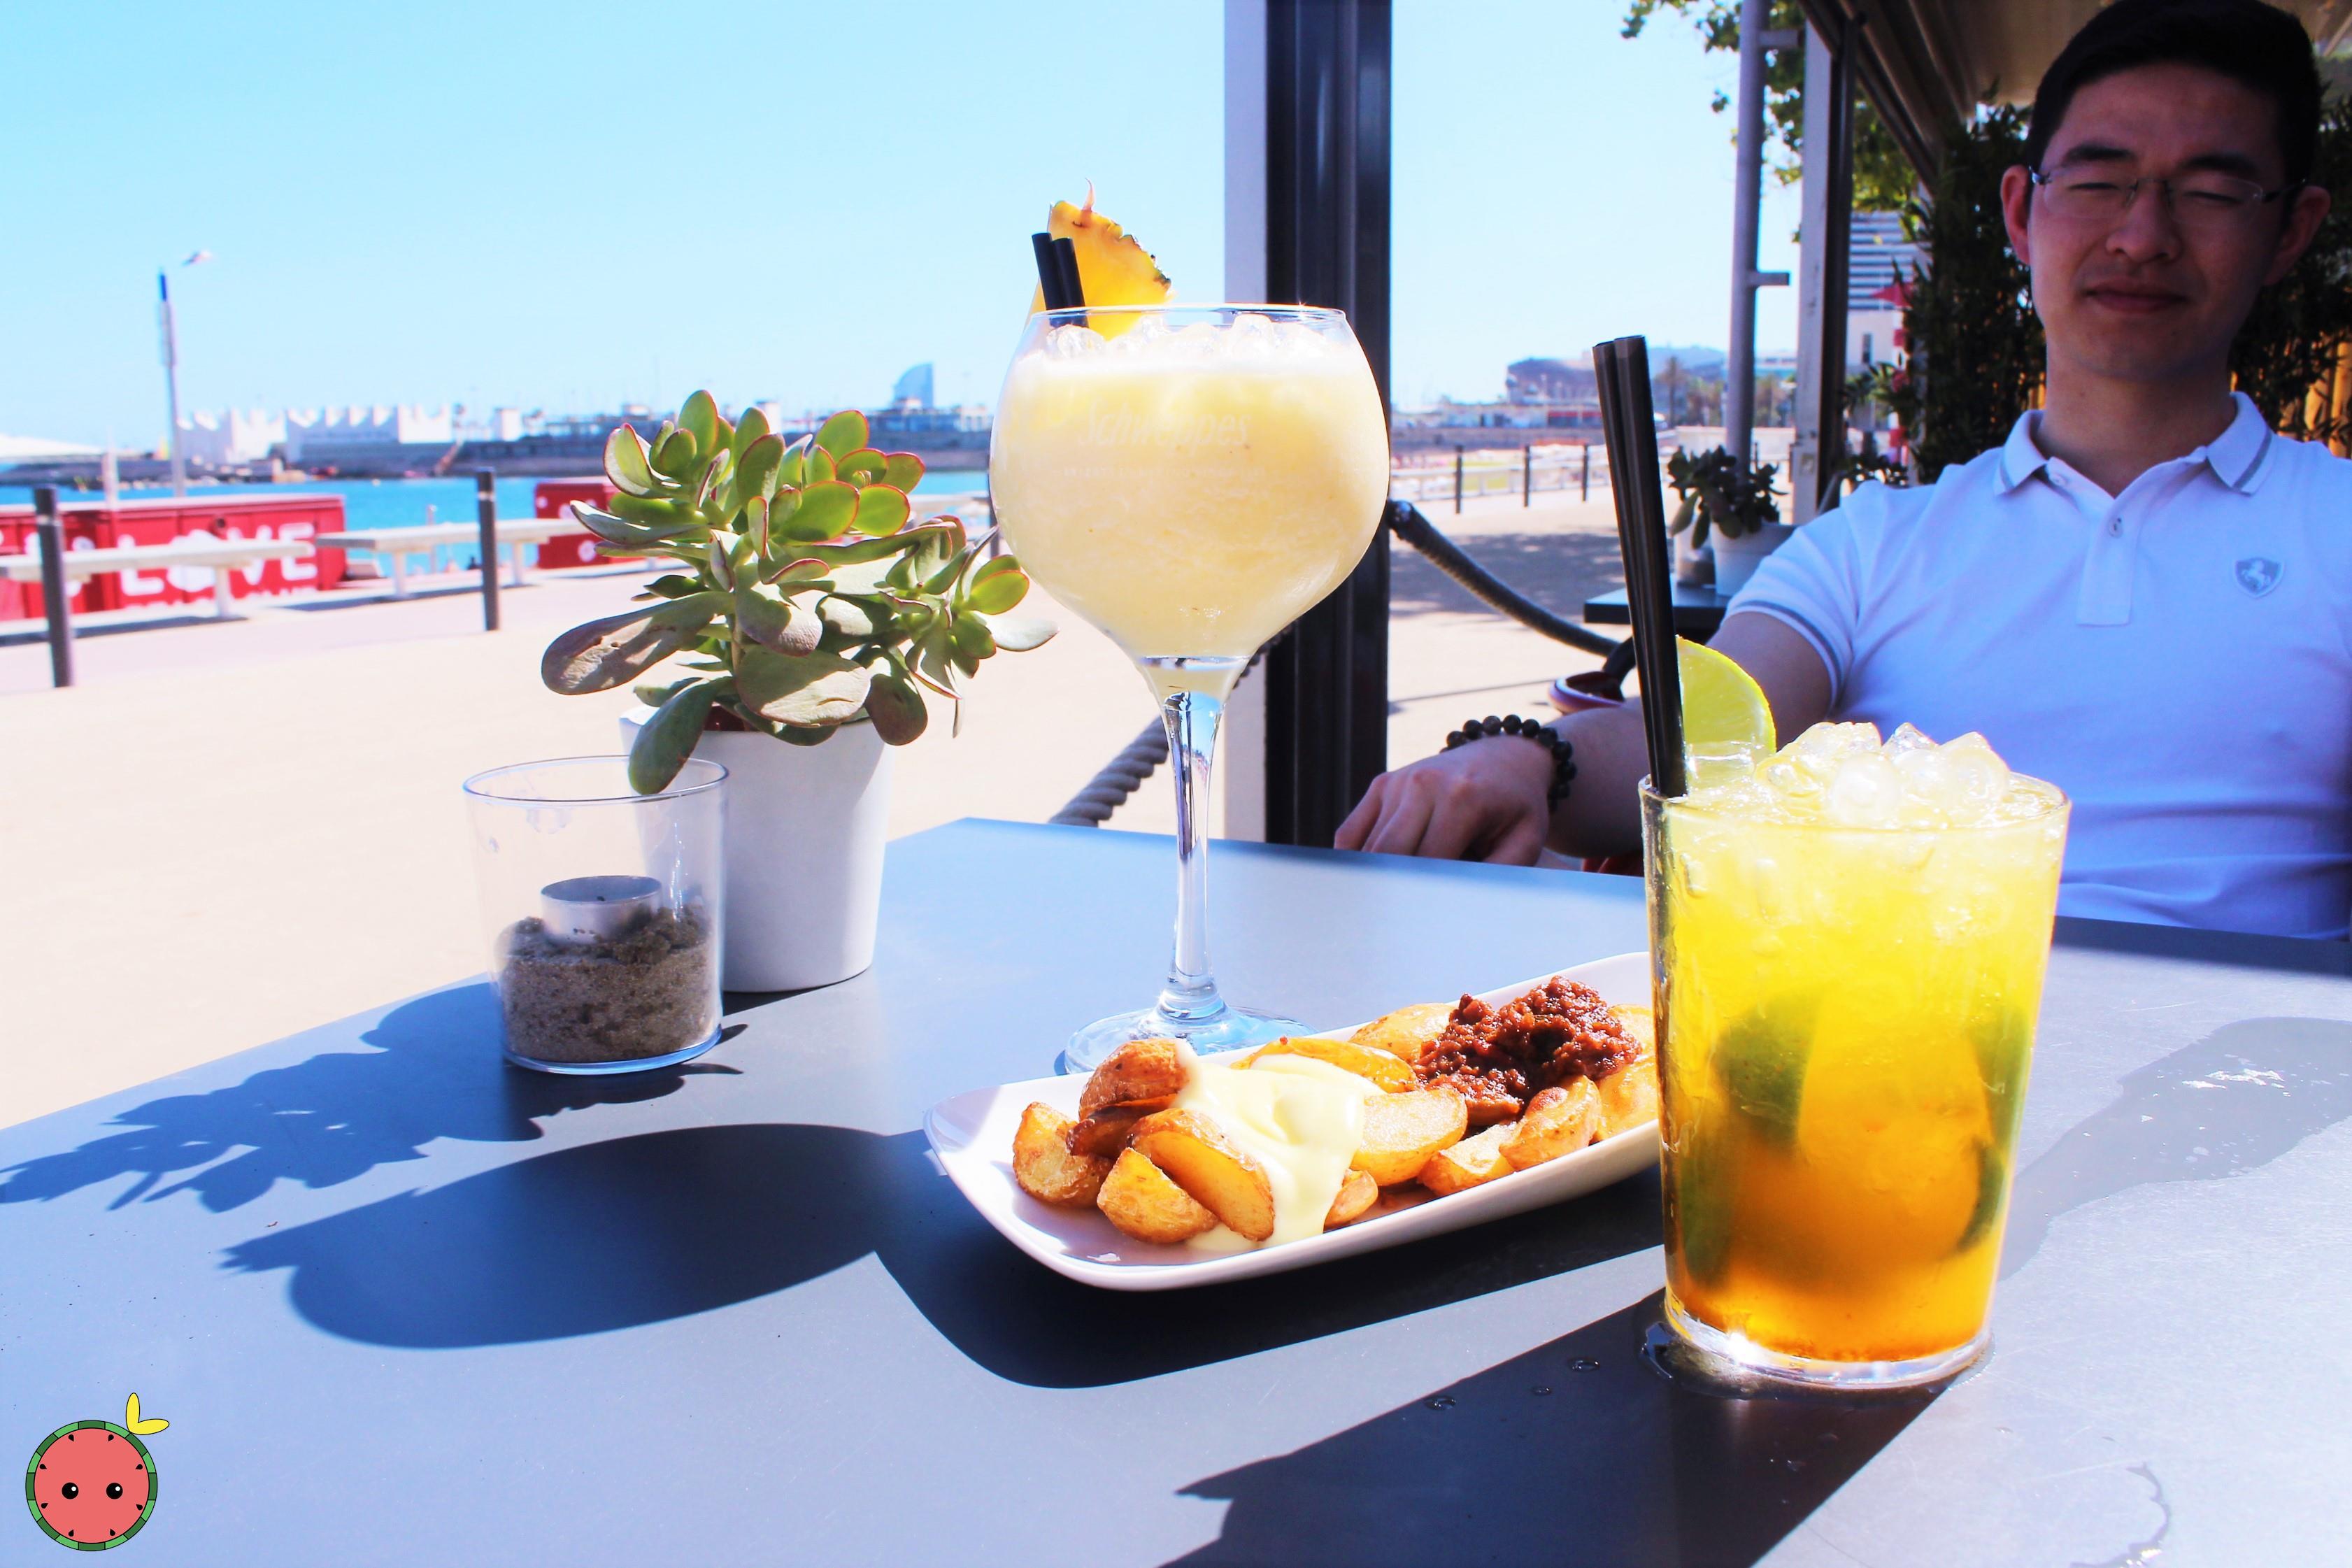 Caipirinha_Cocktail,_Spicy_Potatoes,_&_Piña_Colada_(4)